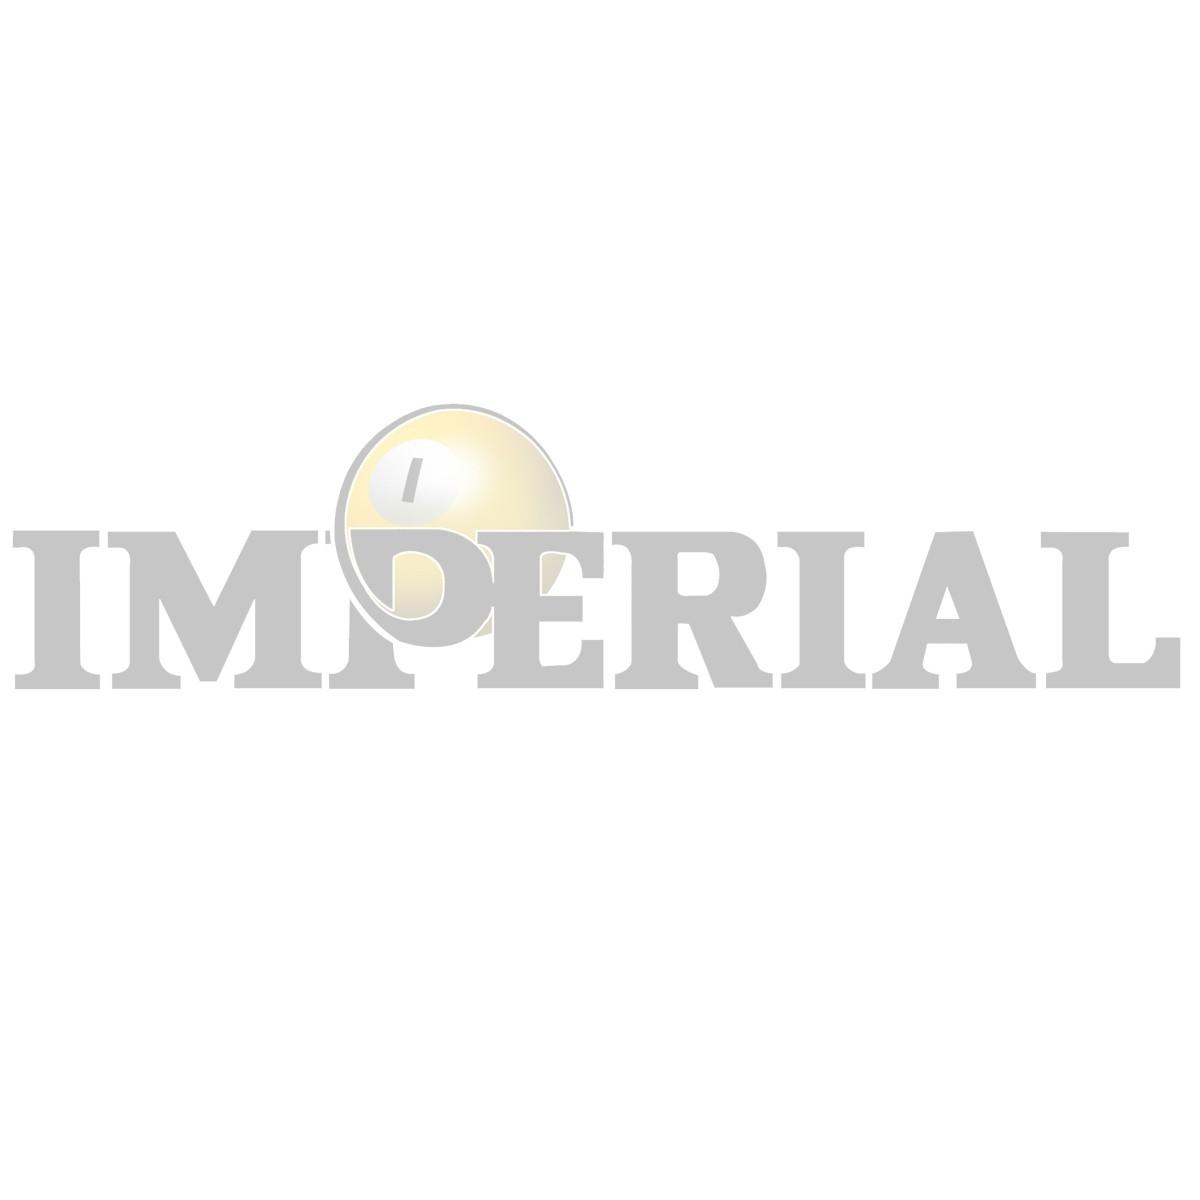 Carolina Panthers 9-foot Billiard Cloth